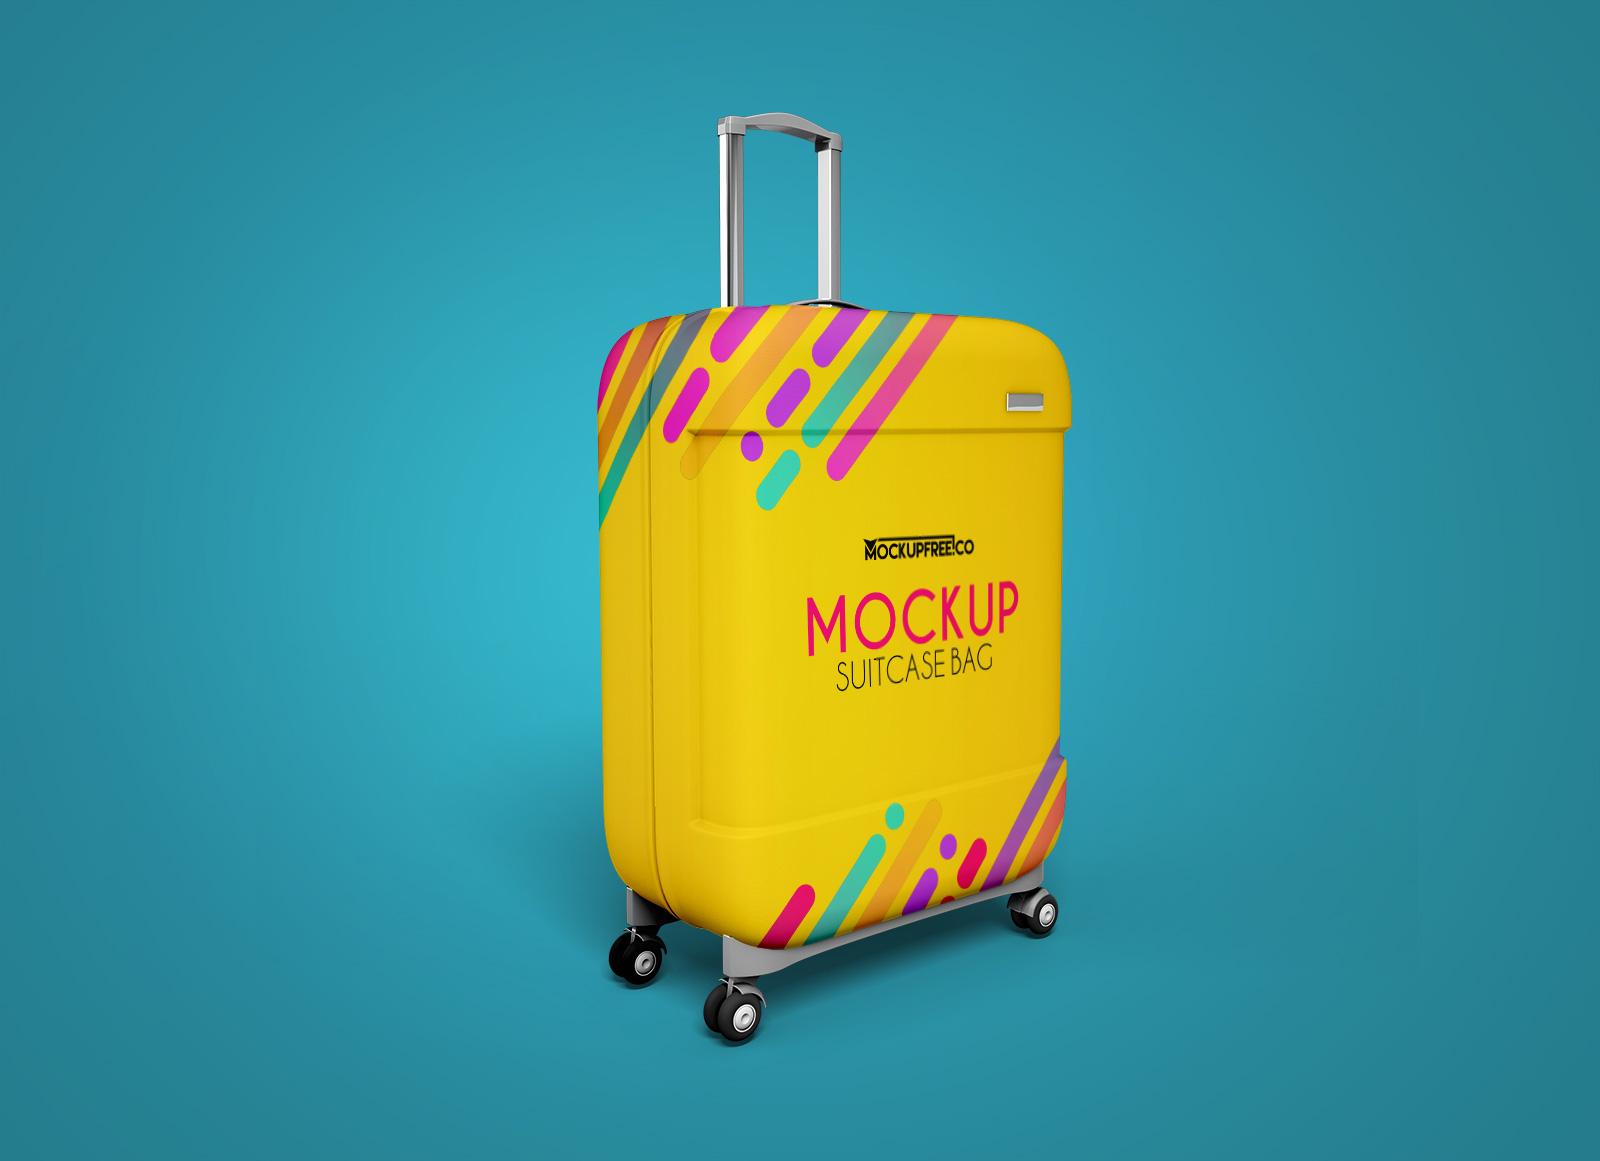 Free-Travel-Suitcase-Luggage-Bag-Mockup-PSD-Set-2